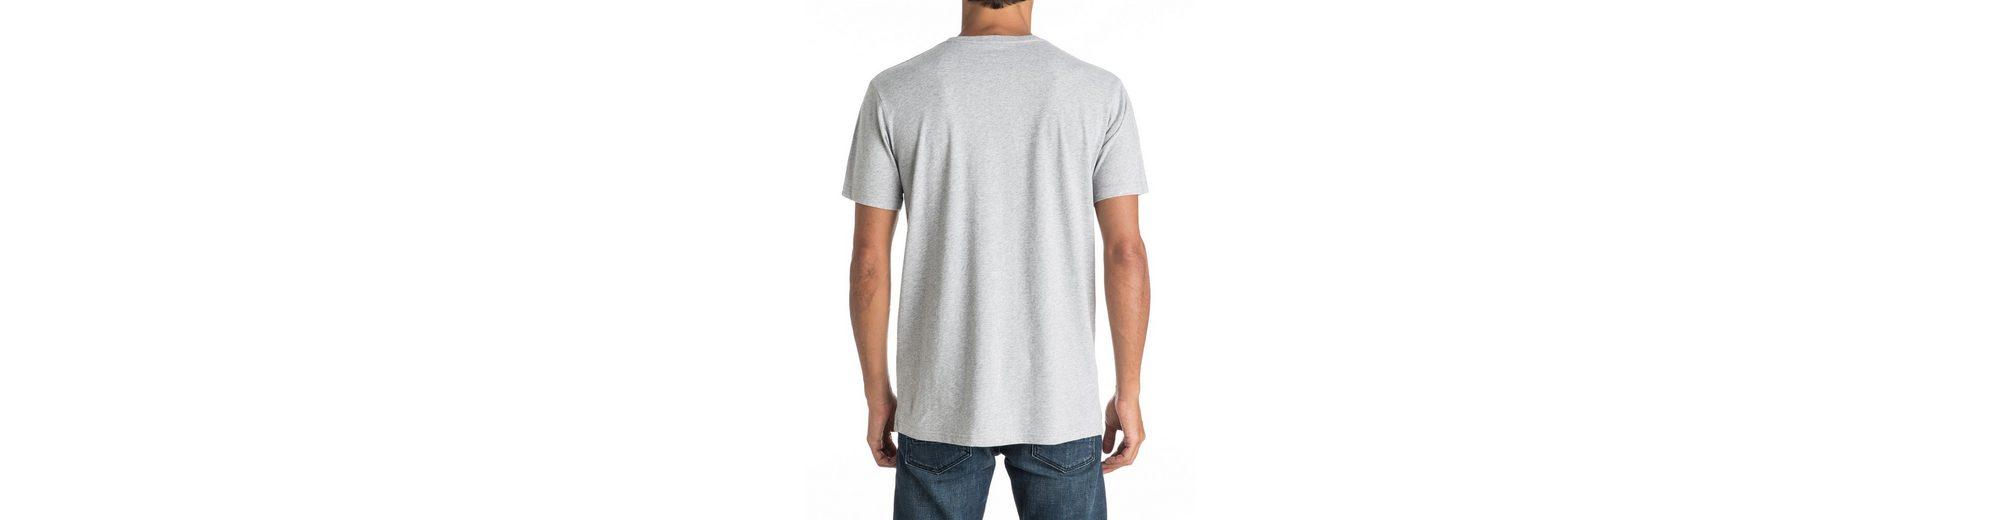 Freies Verschiffen Besuch Neu Mit Paypal Günstig Online Quiksilver T-Shirt Classic Blazed - T-Shirt 1FduV